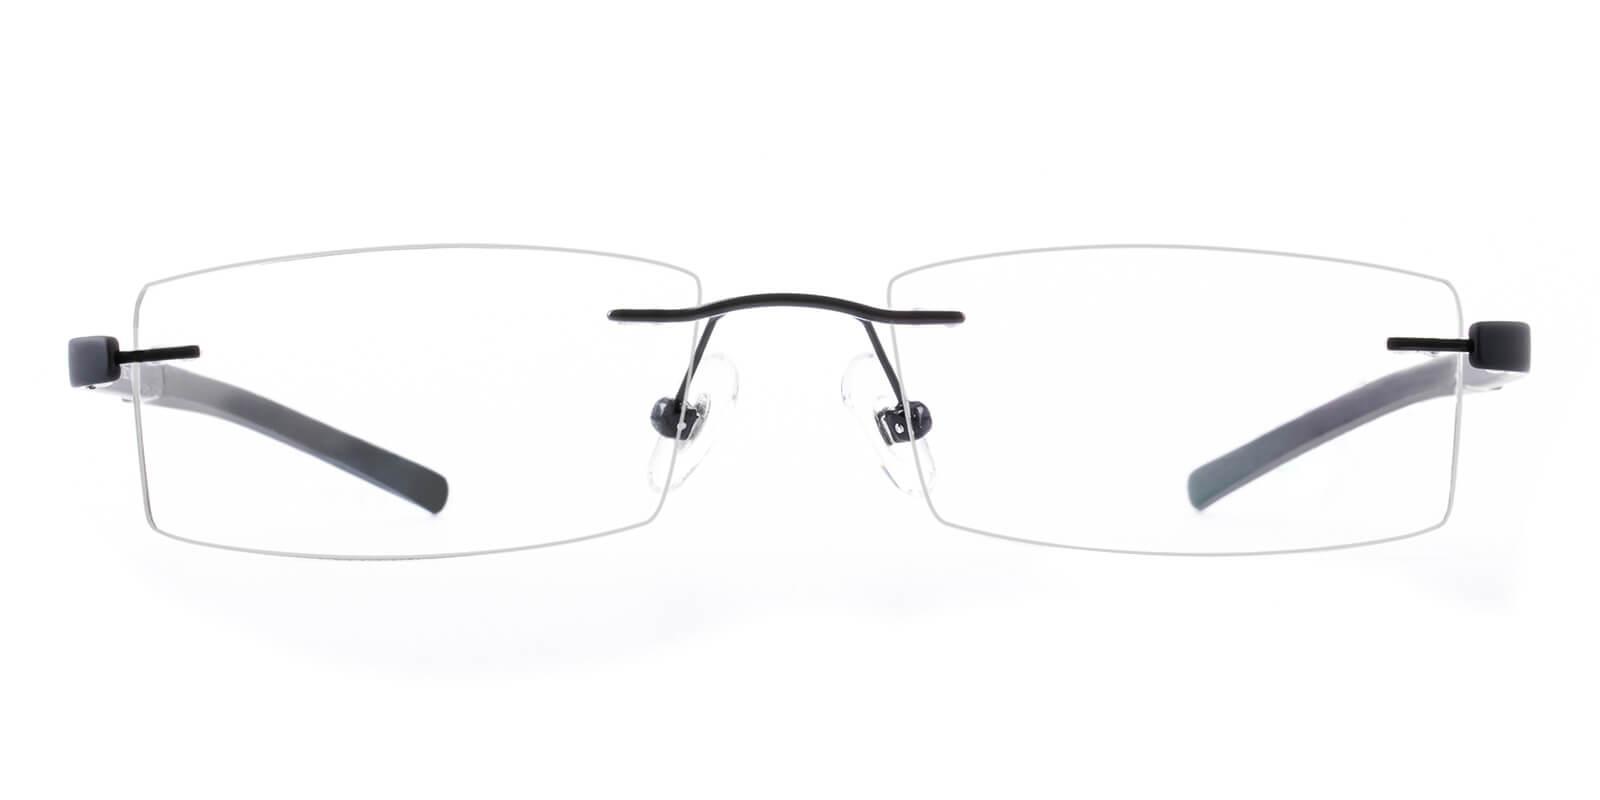 Trimming-Black-Varieties-Metal / Acetate-Eyeglasses-additional2